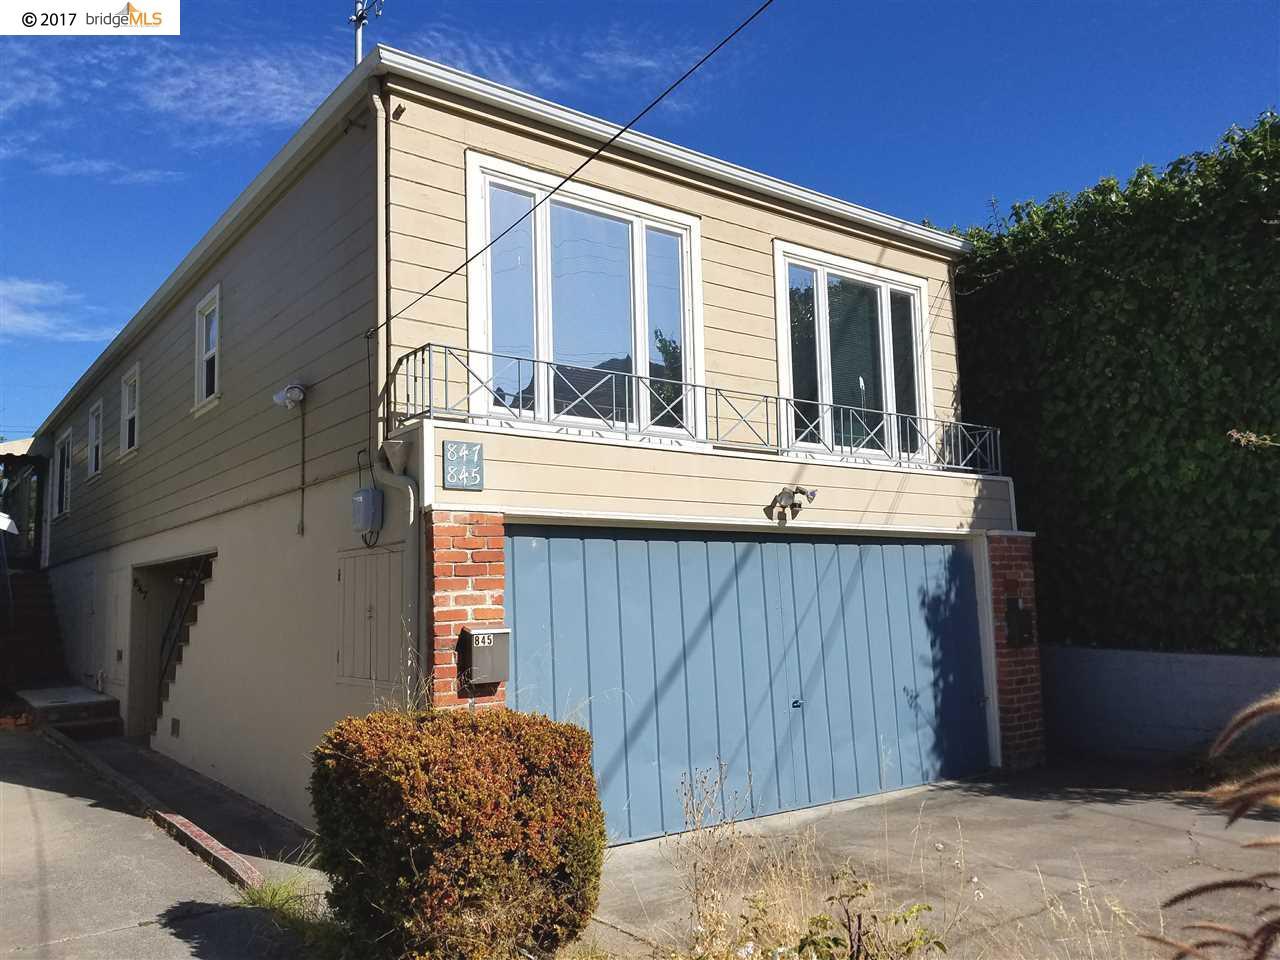 二世帯住宅 のために 売買 アット 845 San Carlos Avenue 845 San Carlos Avenue Albany, カリフォルニア 94706 アメリカ合衆国